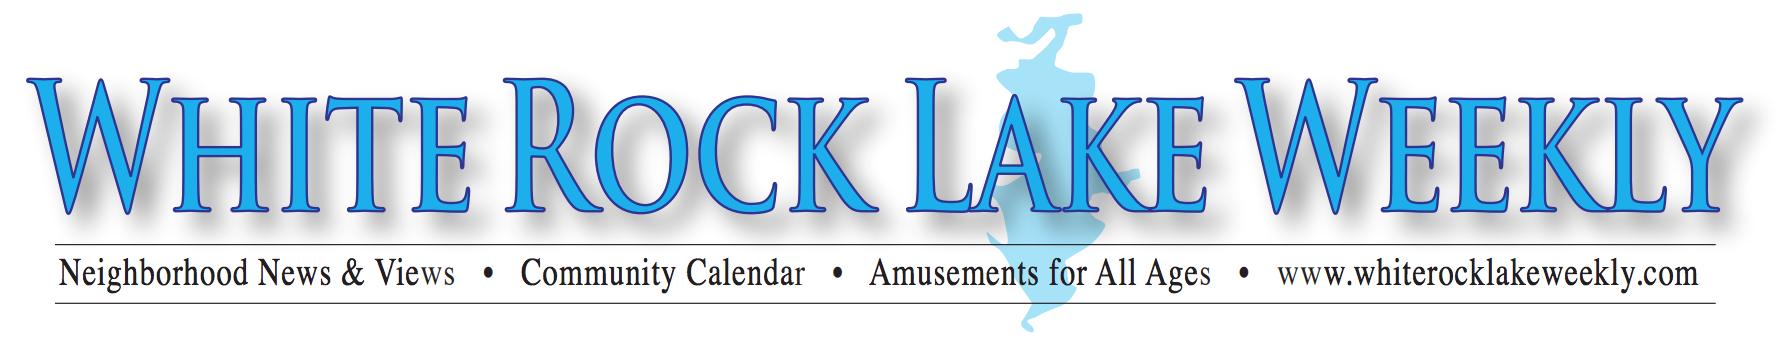 White Rock Lake Weekly